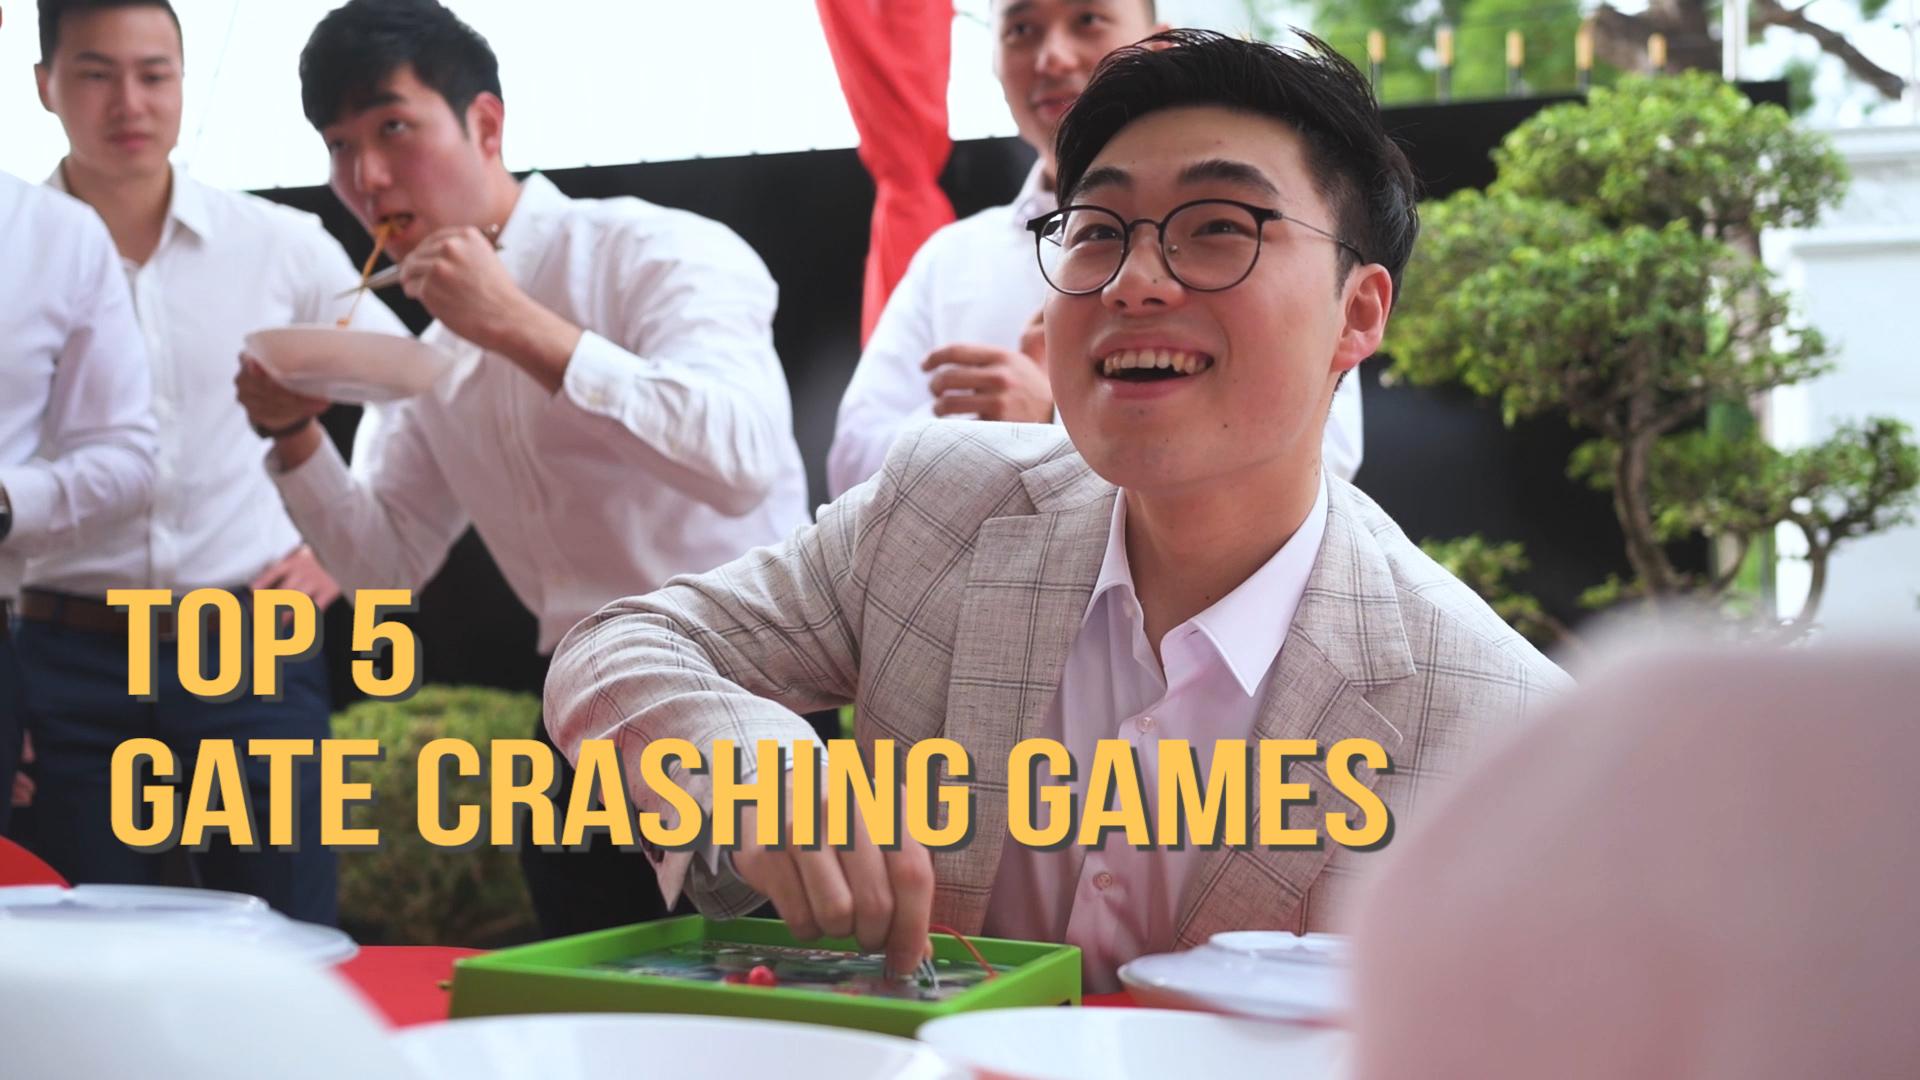 Top 5 Gate Crashing Games in Chinese Weddings